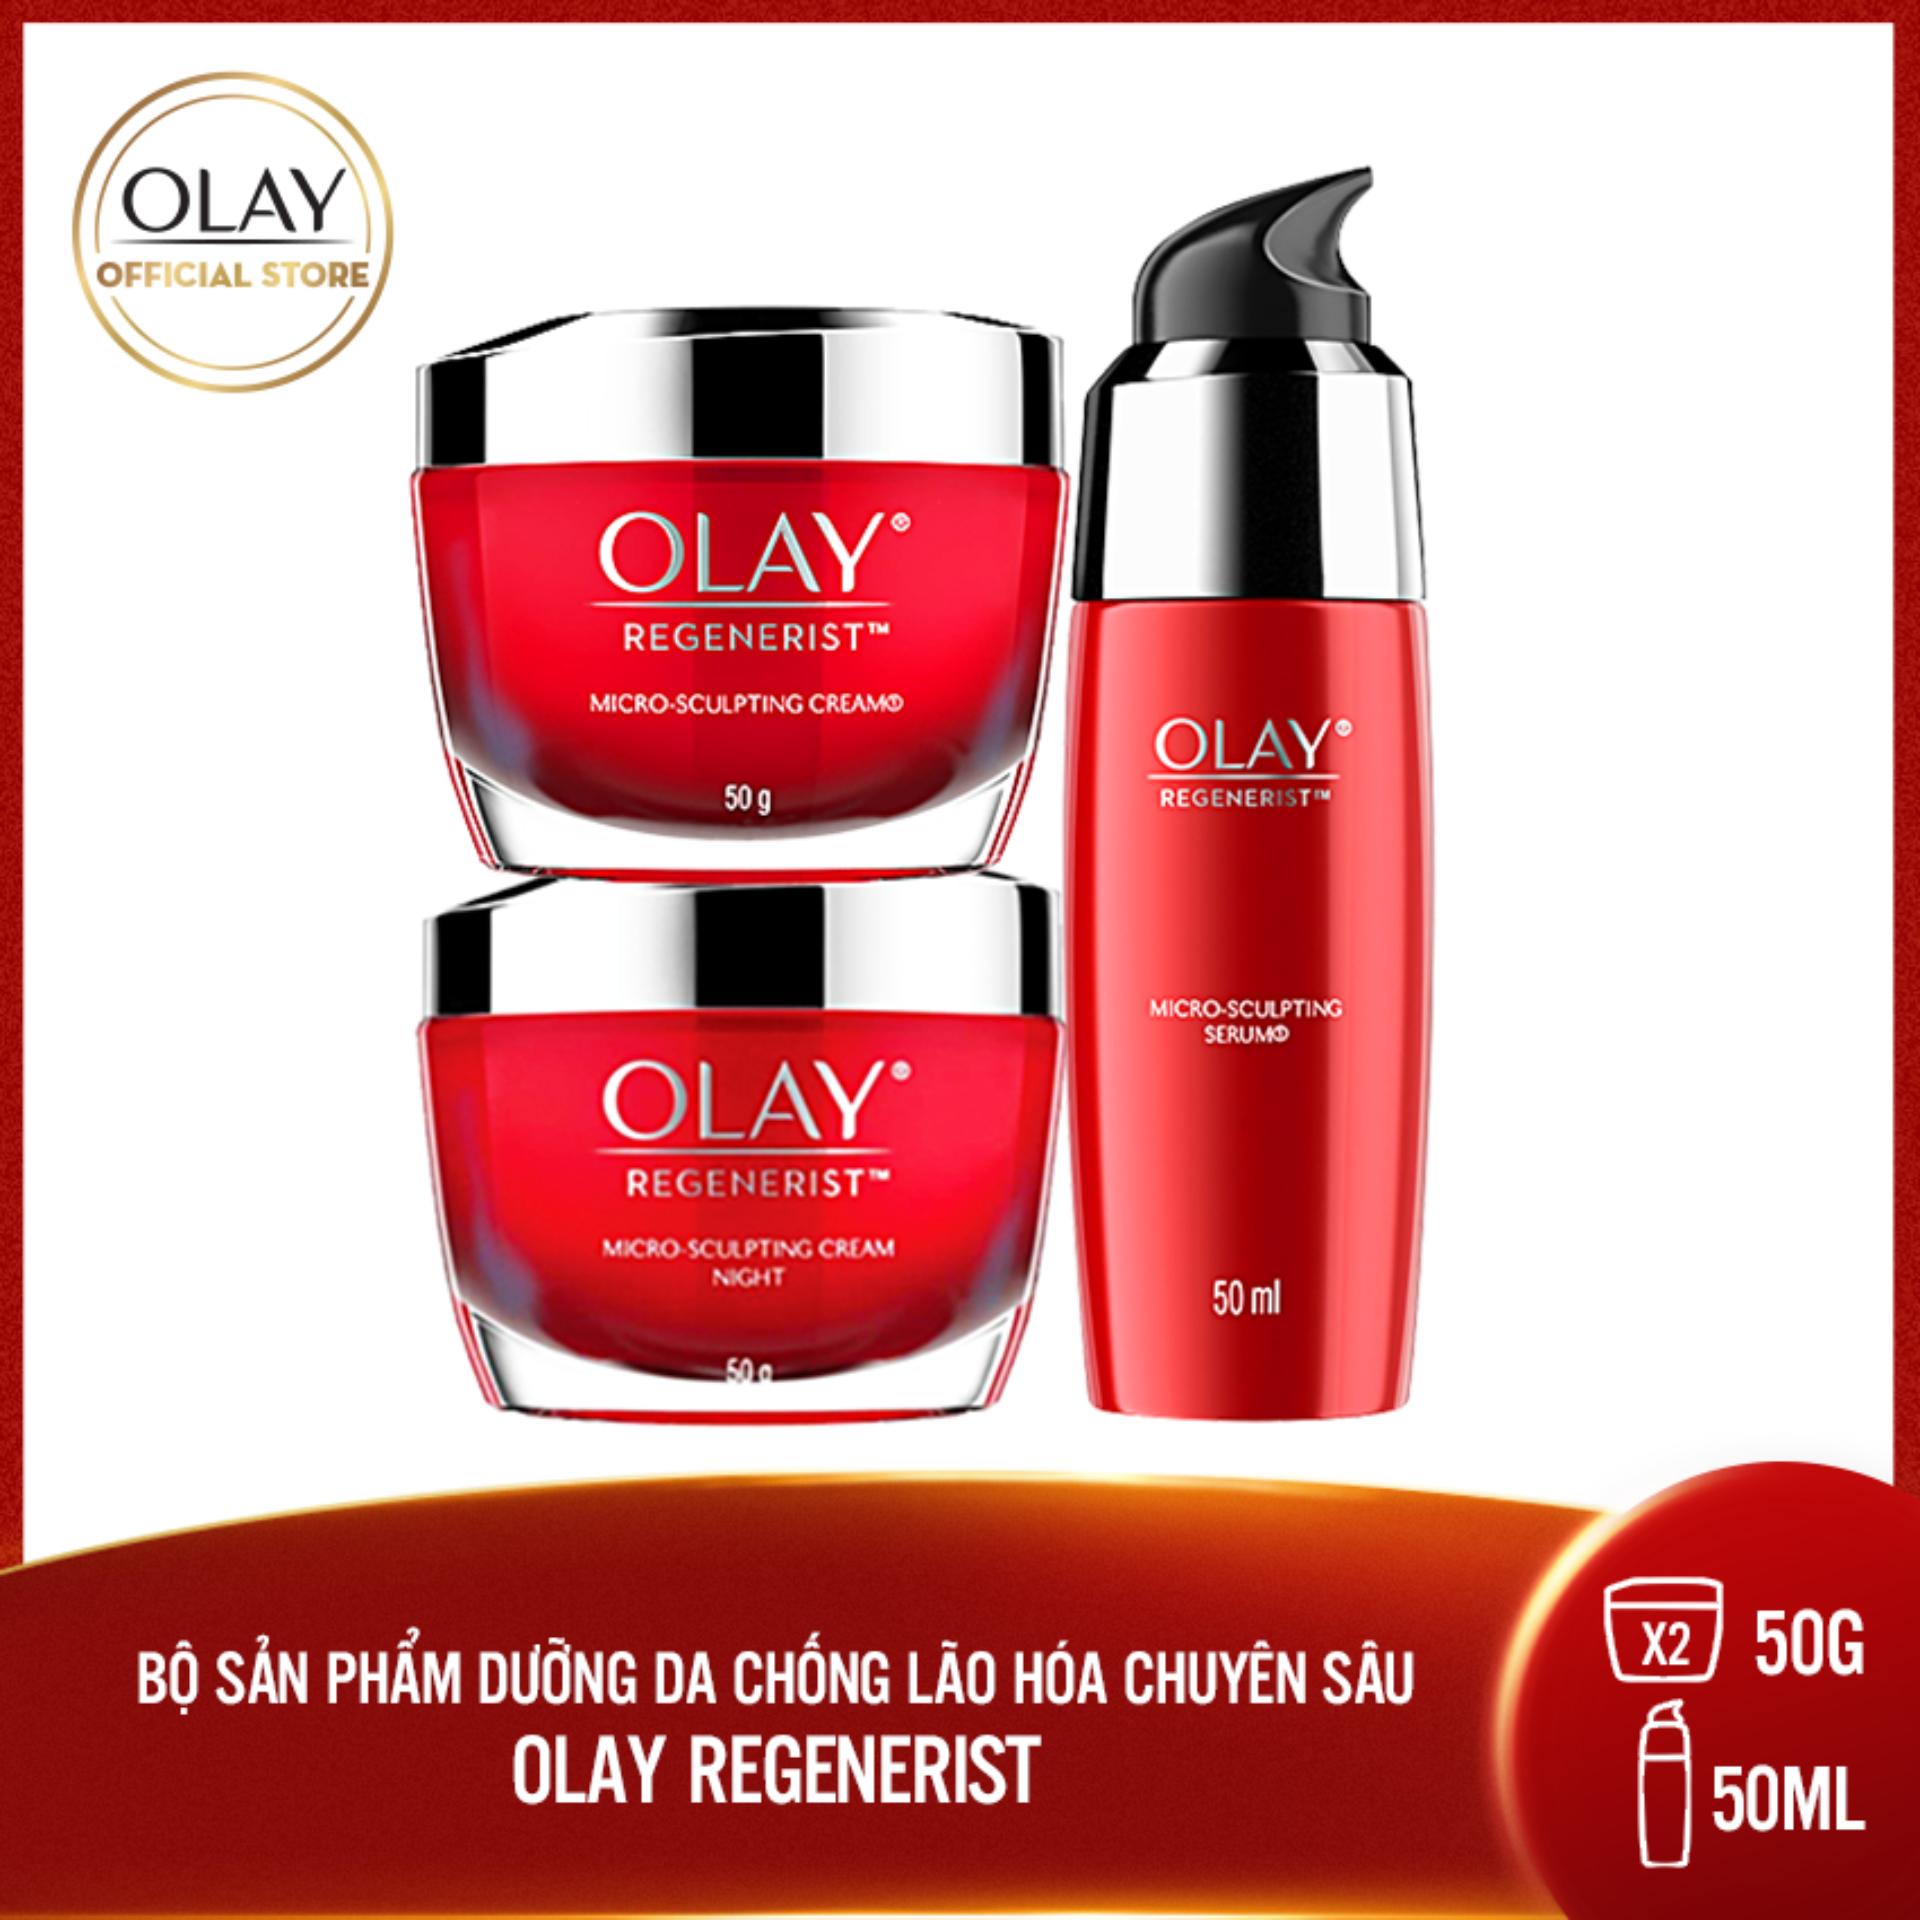 Bộ 3 sản phẩm dưỡng da chống lão hóa chuyên sâu Olay Regenerist Anti Aging: Kem dưỡng ban ngày 50g + Kem dưỡng ban đêm 50g + Serum 50ml